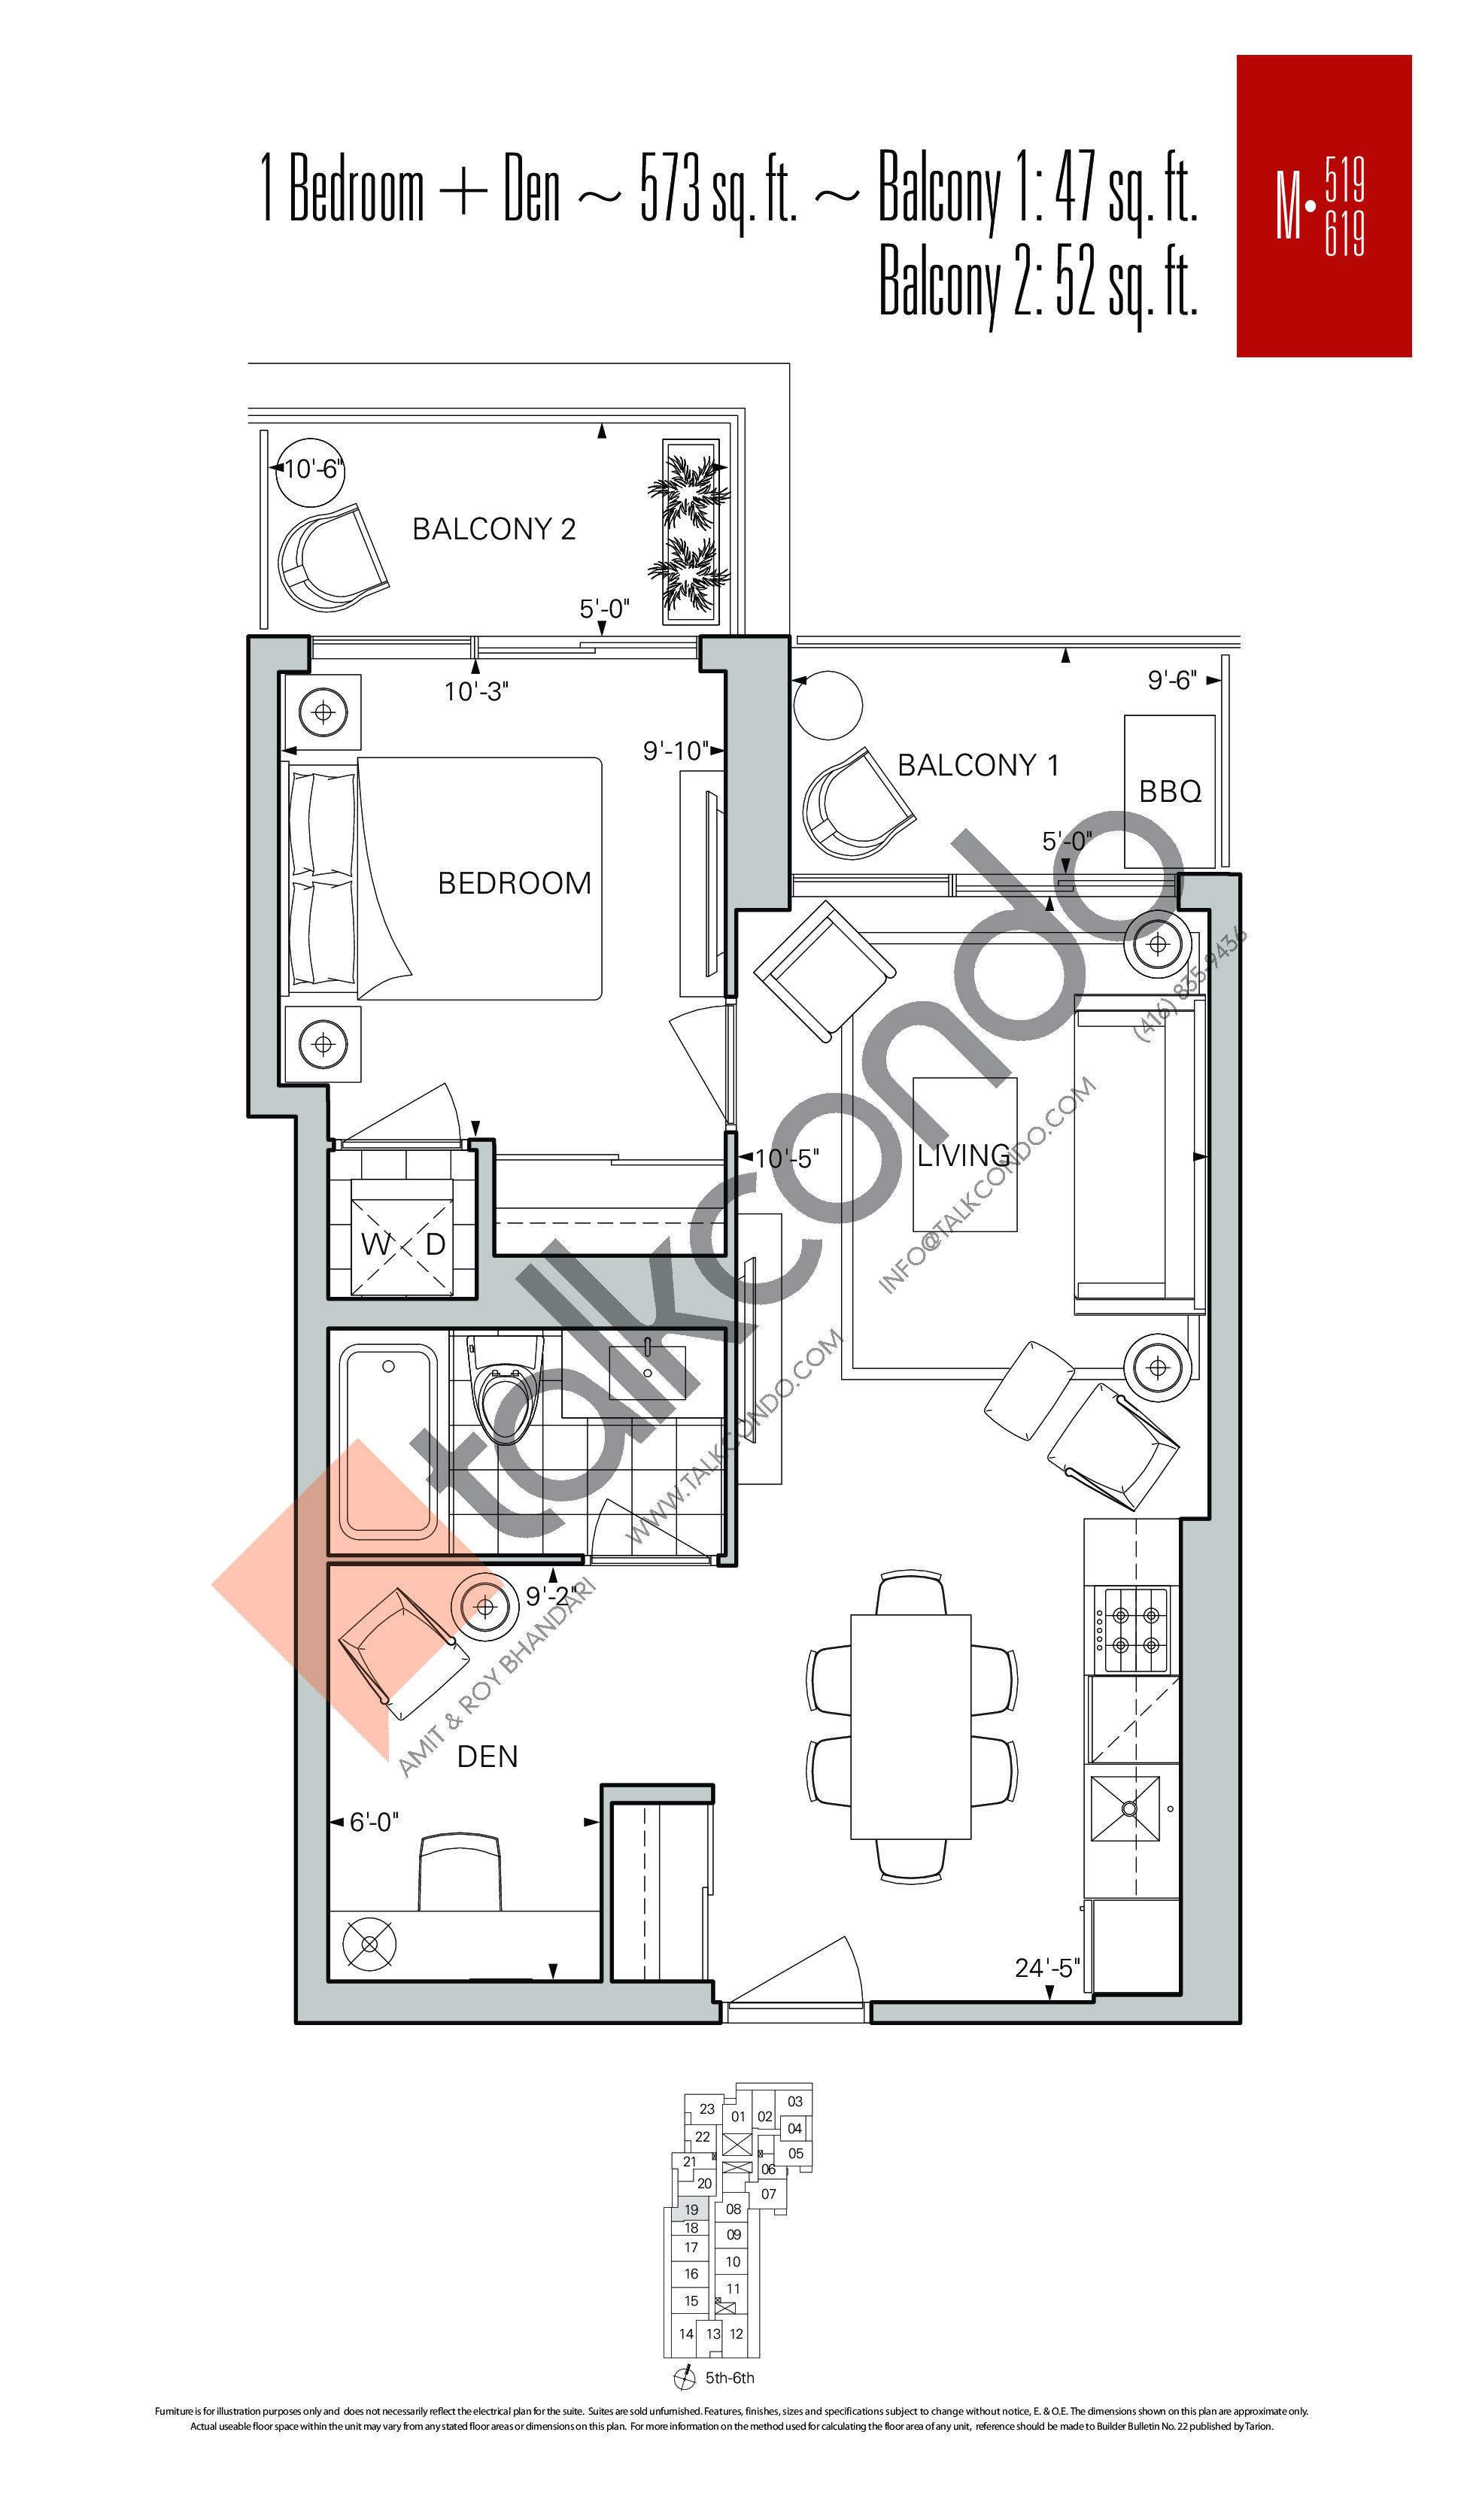 M-519 | M-619 Floor Plan at Rise Condos - 573 sq.ft